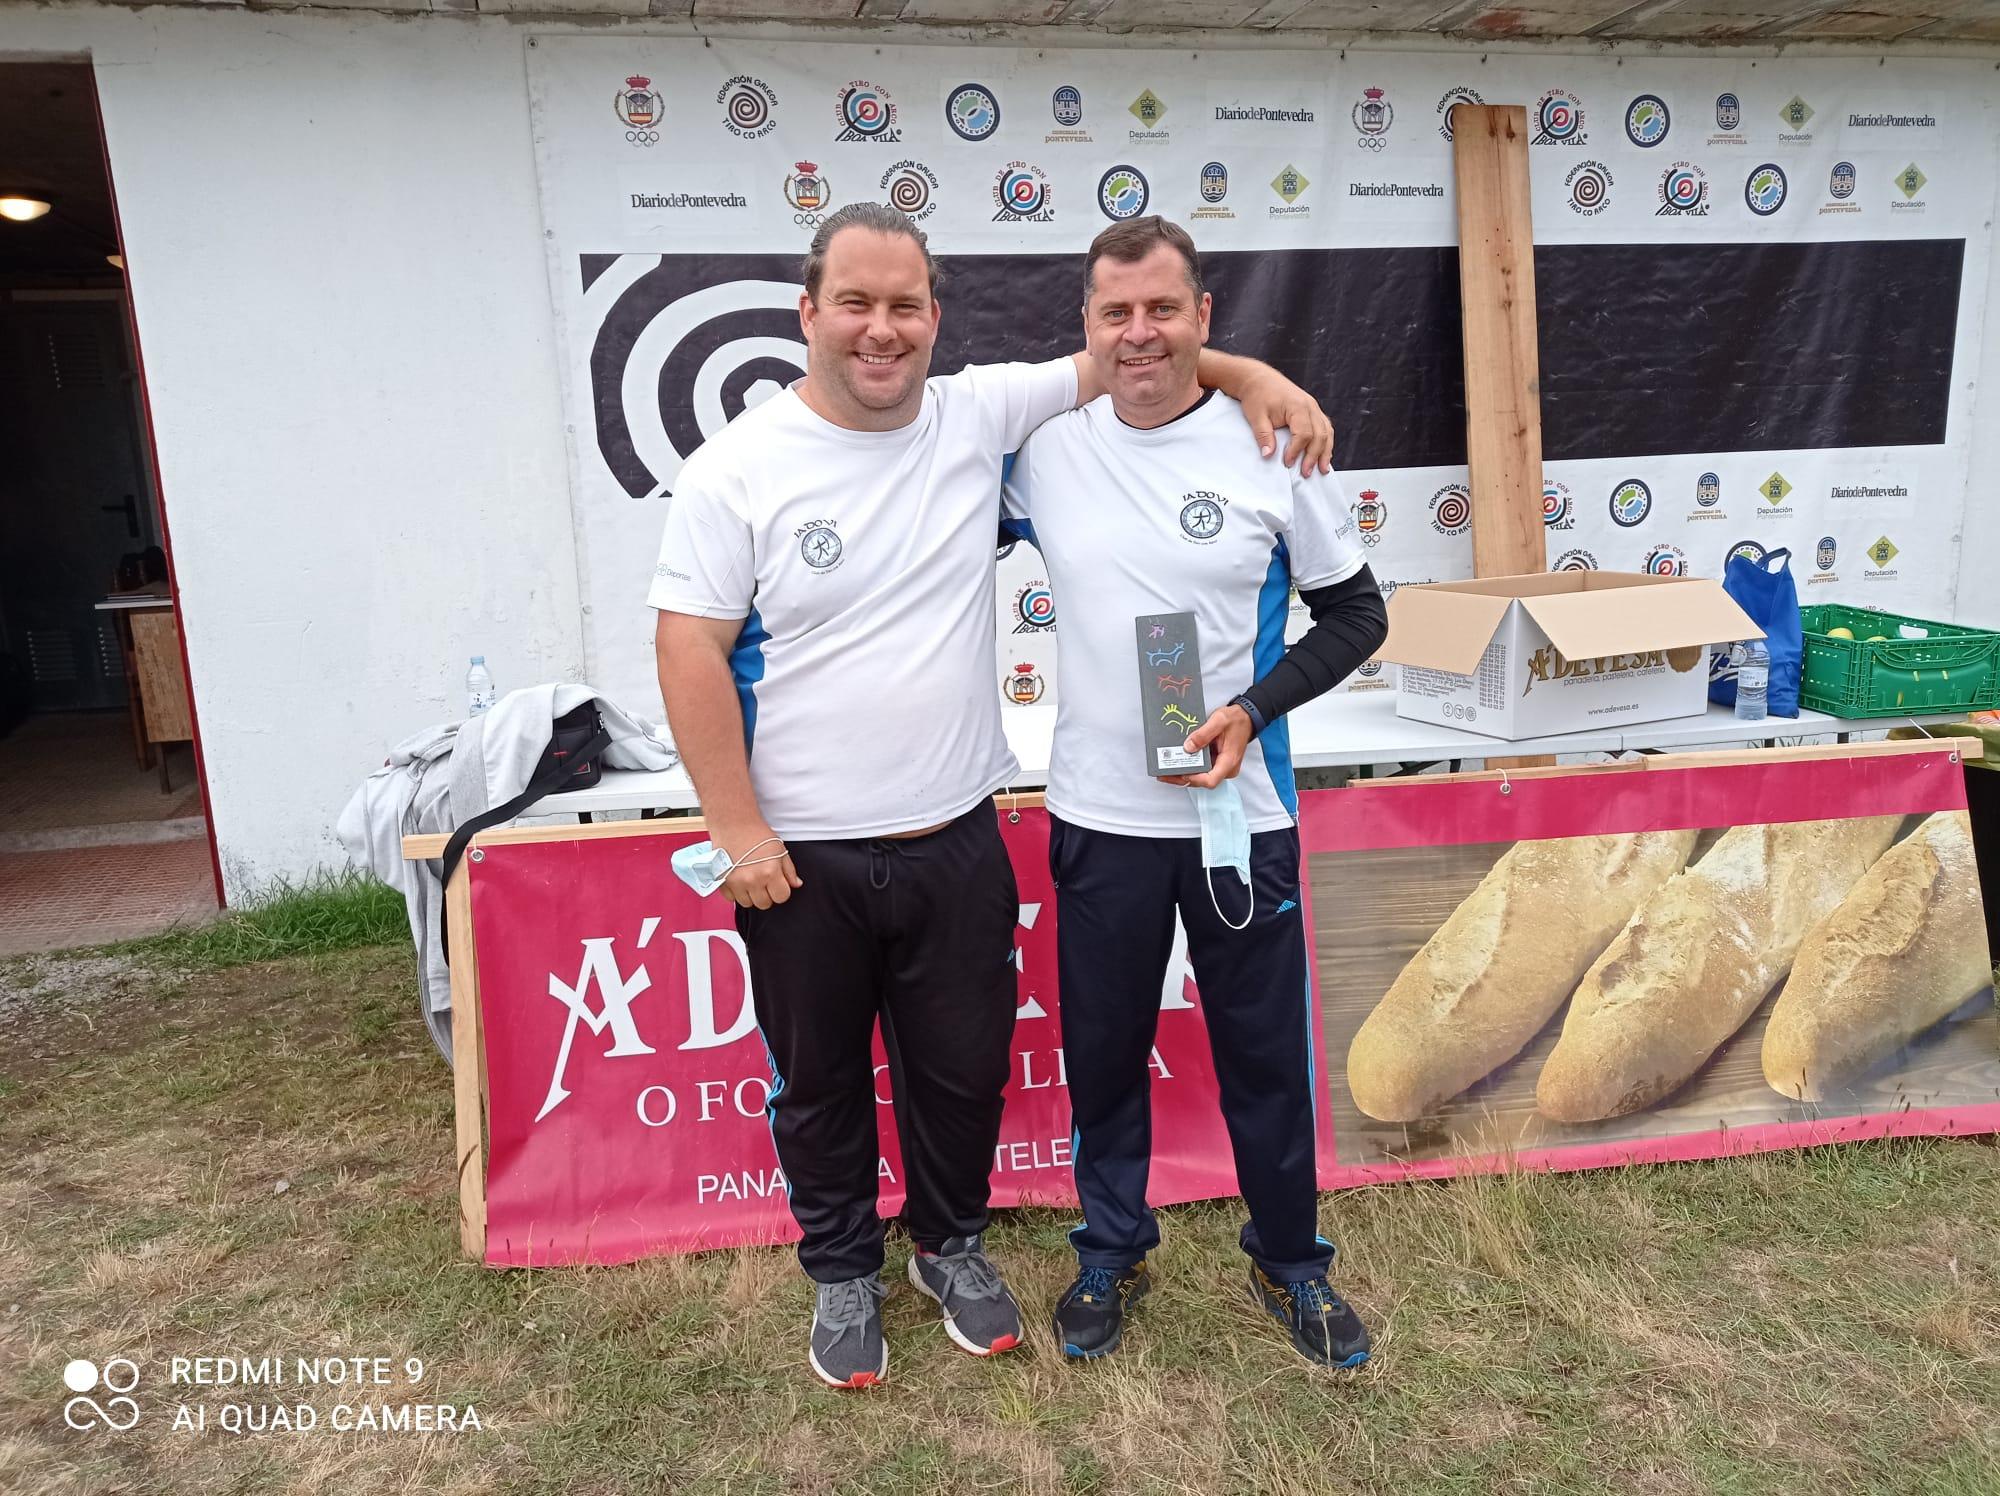 Excelente participación do Iadovi no Campeonato Galego de tiro de arco en campo